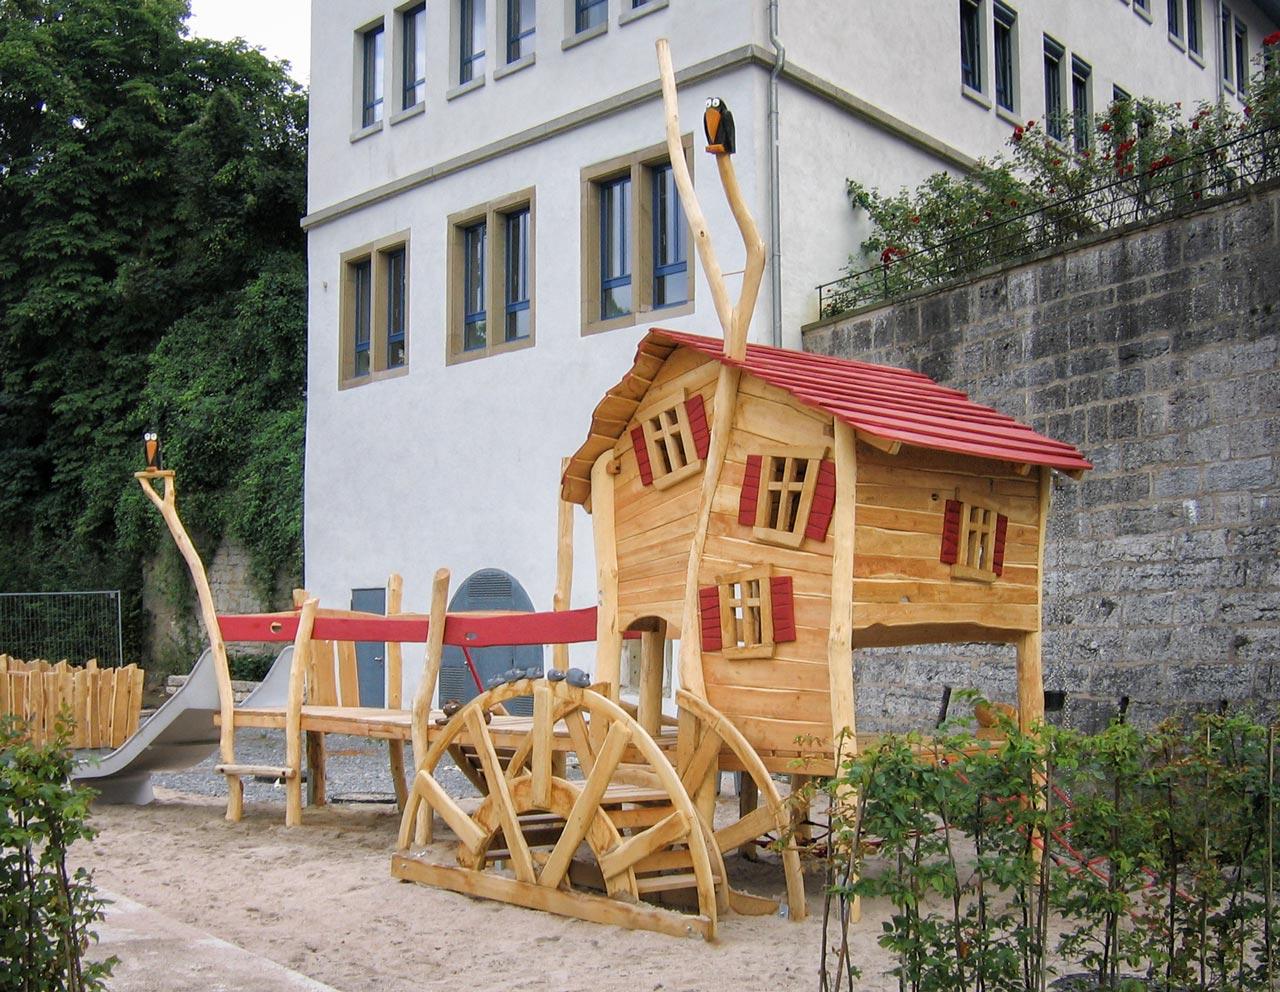 C 21 Spielhaus alte Mühle